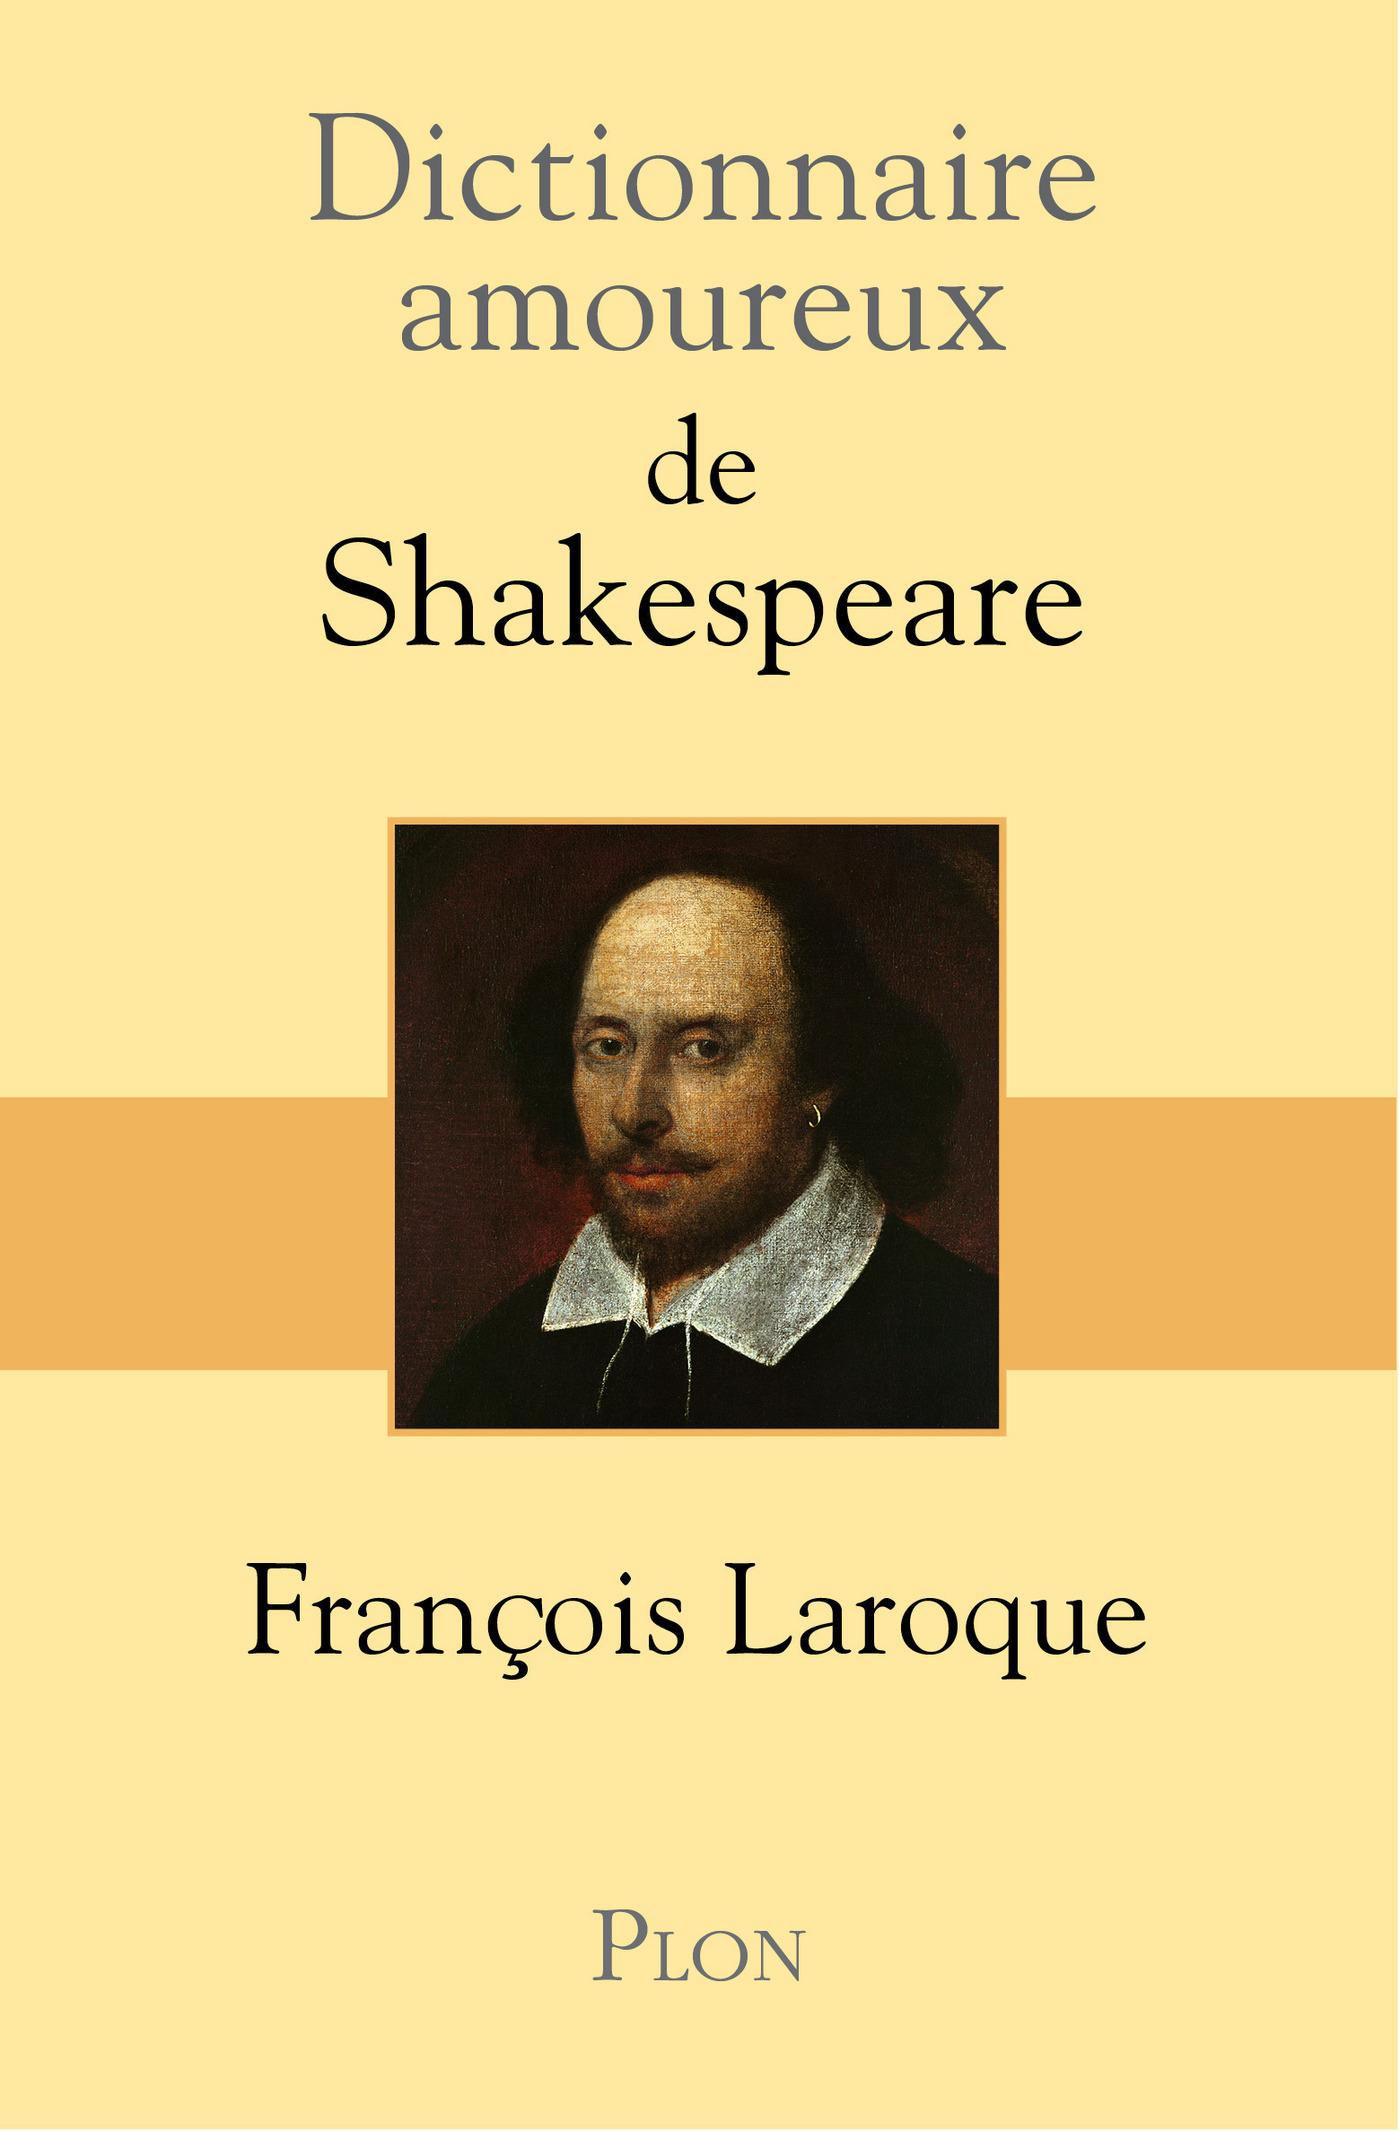 Dictionnaire amoureux de Shakespeare